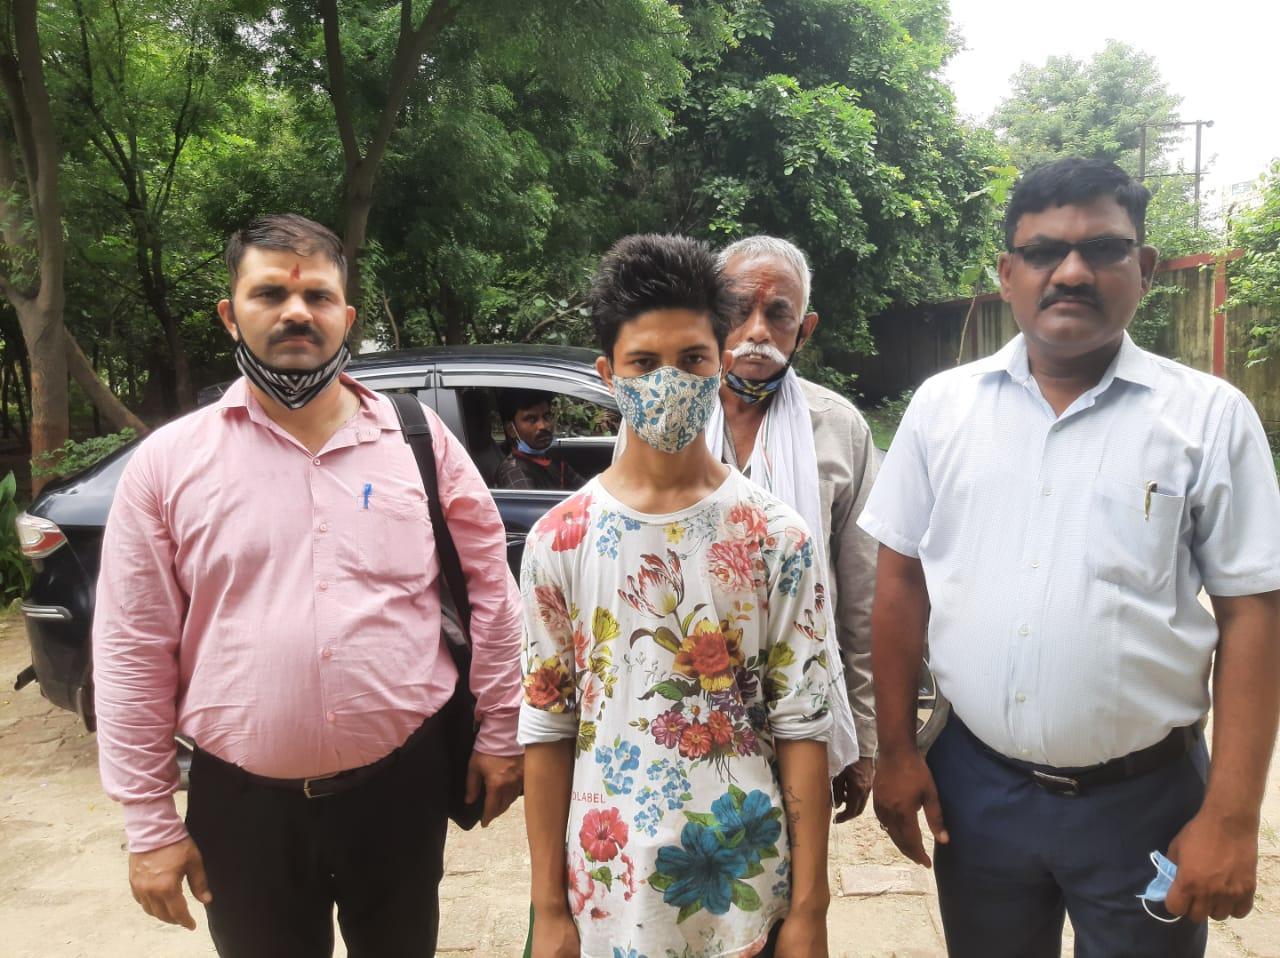 सौतेले पिता की प्रताड़ना से परेशान नेपाली बच्चे ने 2 साल पहले छोड़ दिया था घर, फेसबुक से मां को खोज कर वाराणसी से भेजा गया वापस|वाराणसी,Varanasi - Dainik Bhaskar